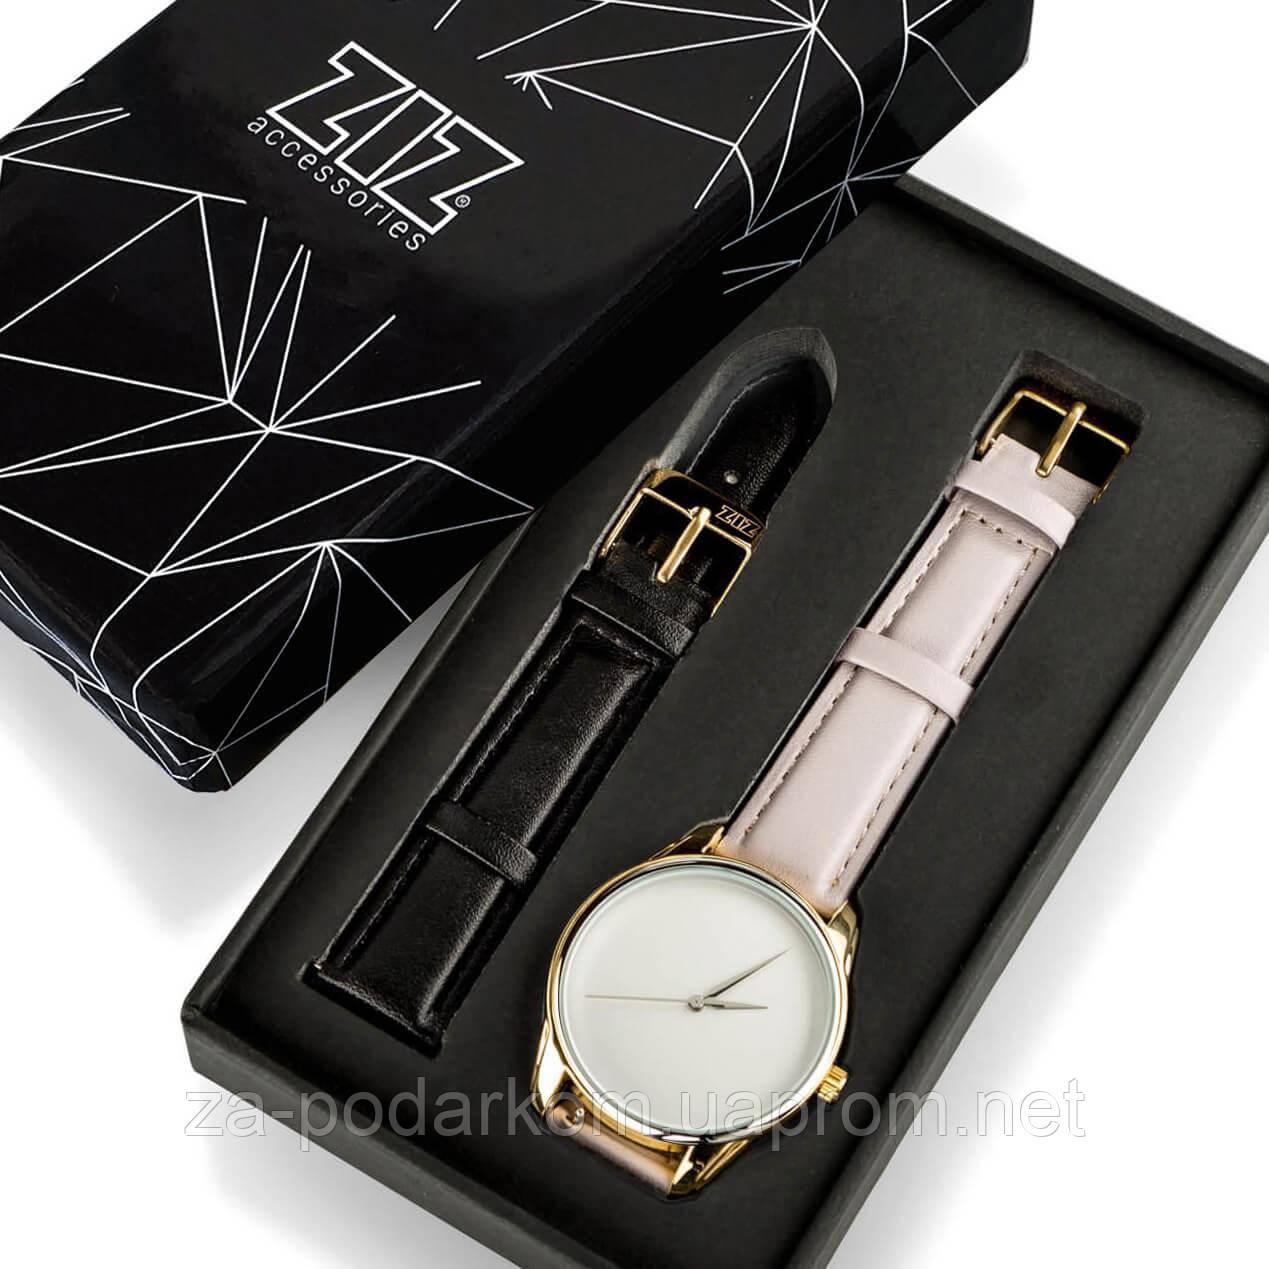 """Годинник """"Світло-лавандовий мінімалізм"""" подарунок жінці"""